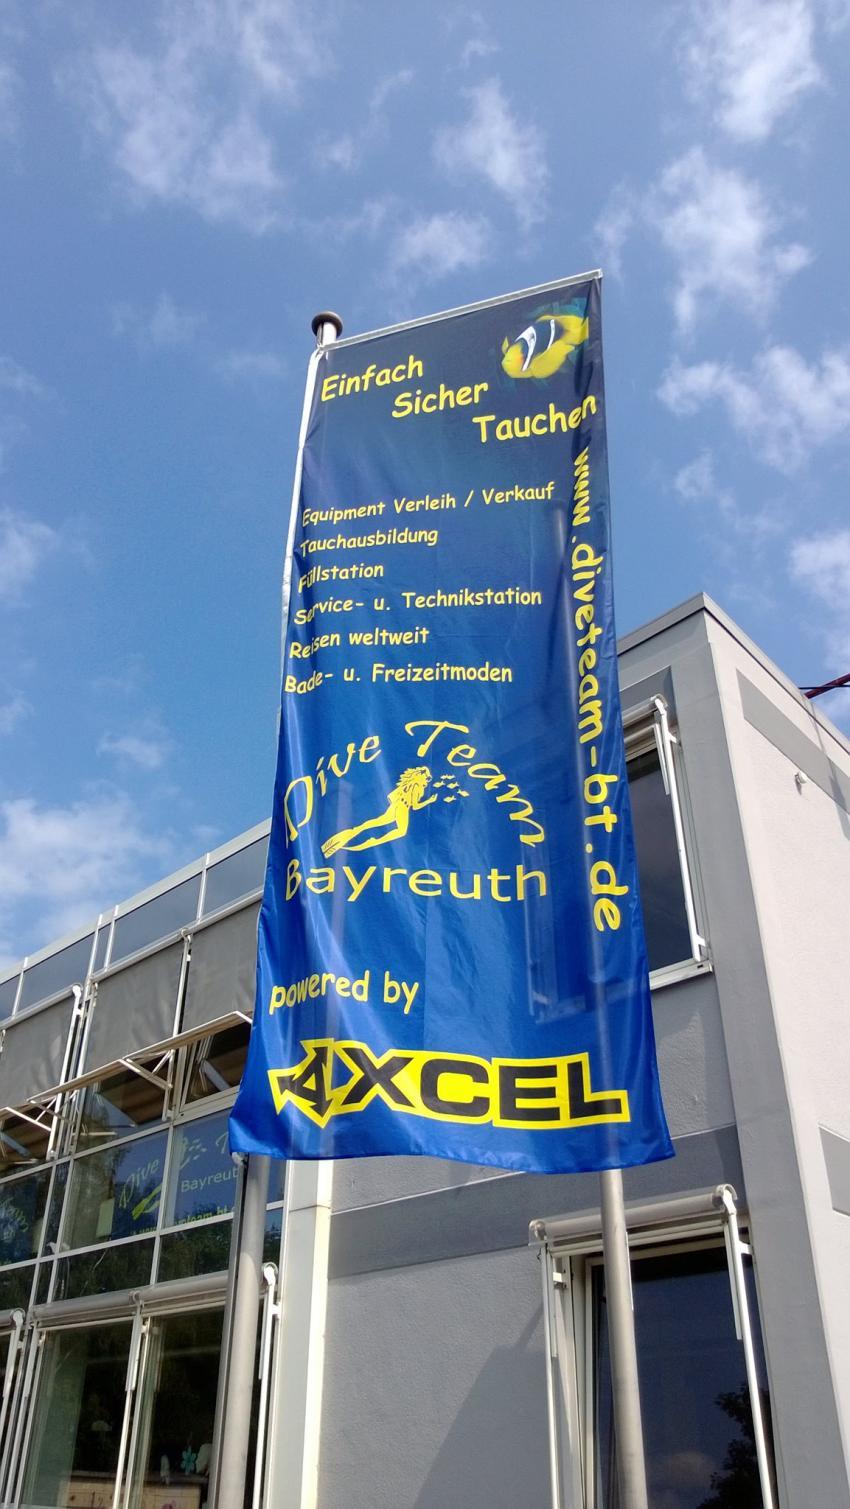 Dive Team Tauchschule, Bayreuth, Deutschland, Bayern